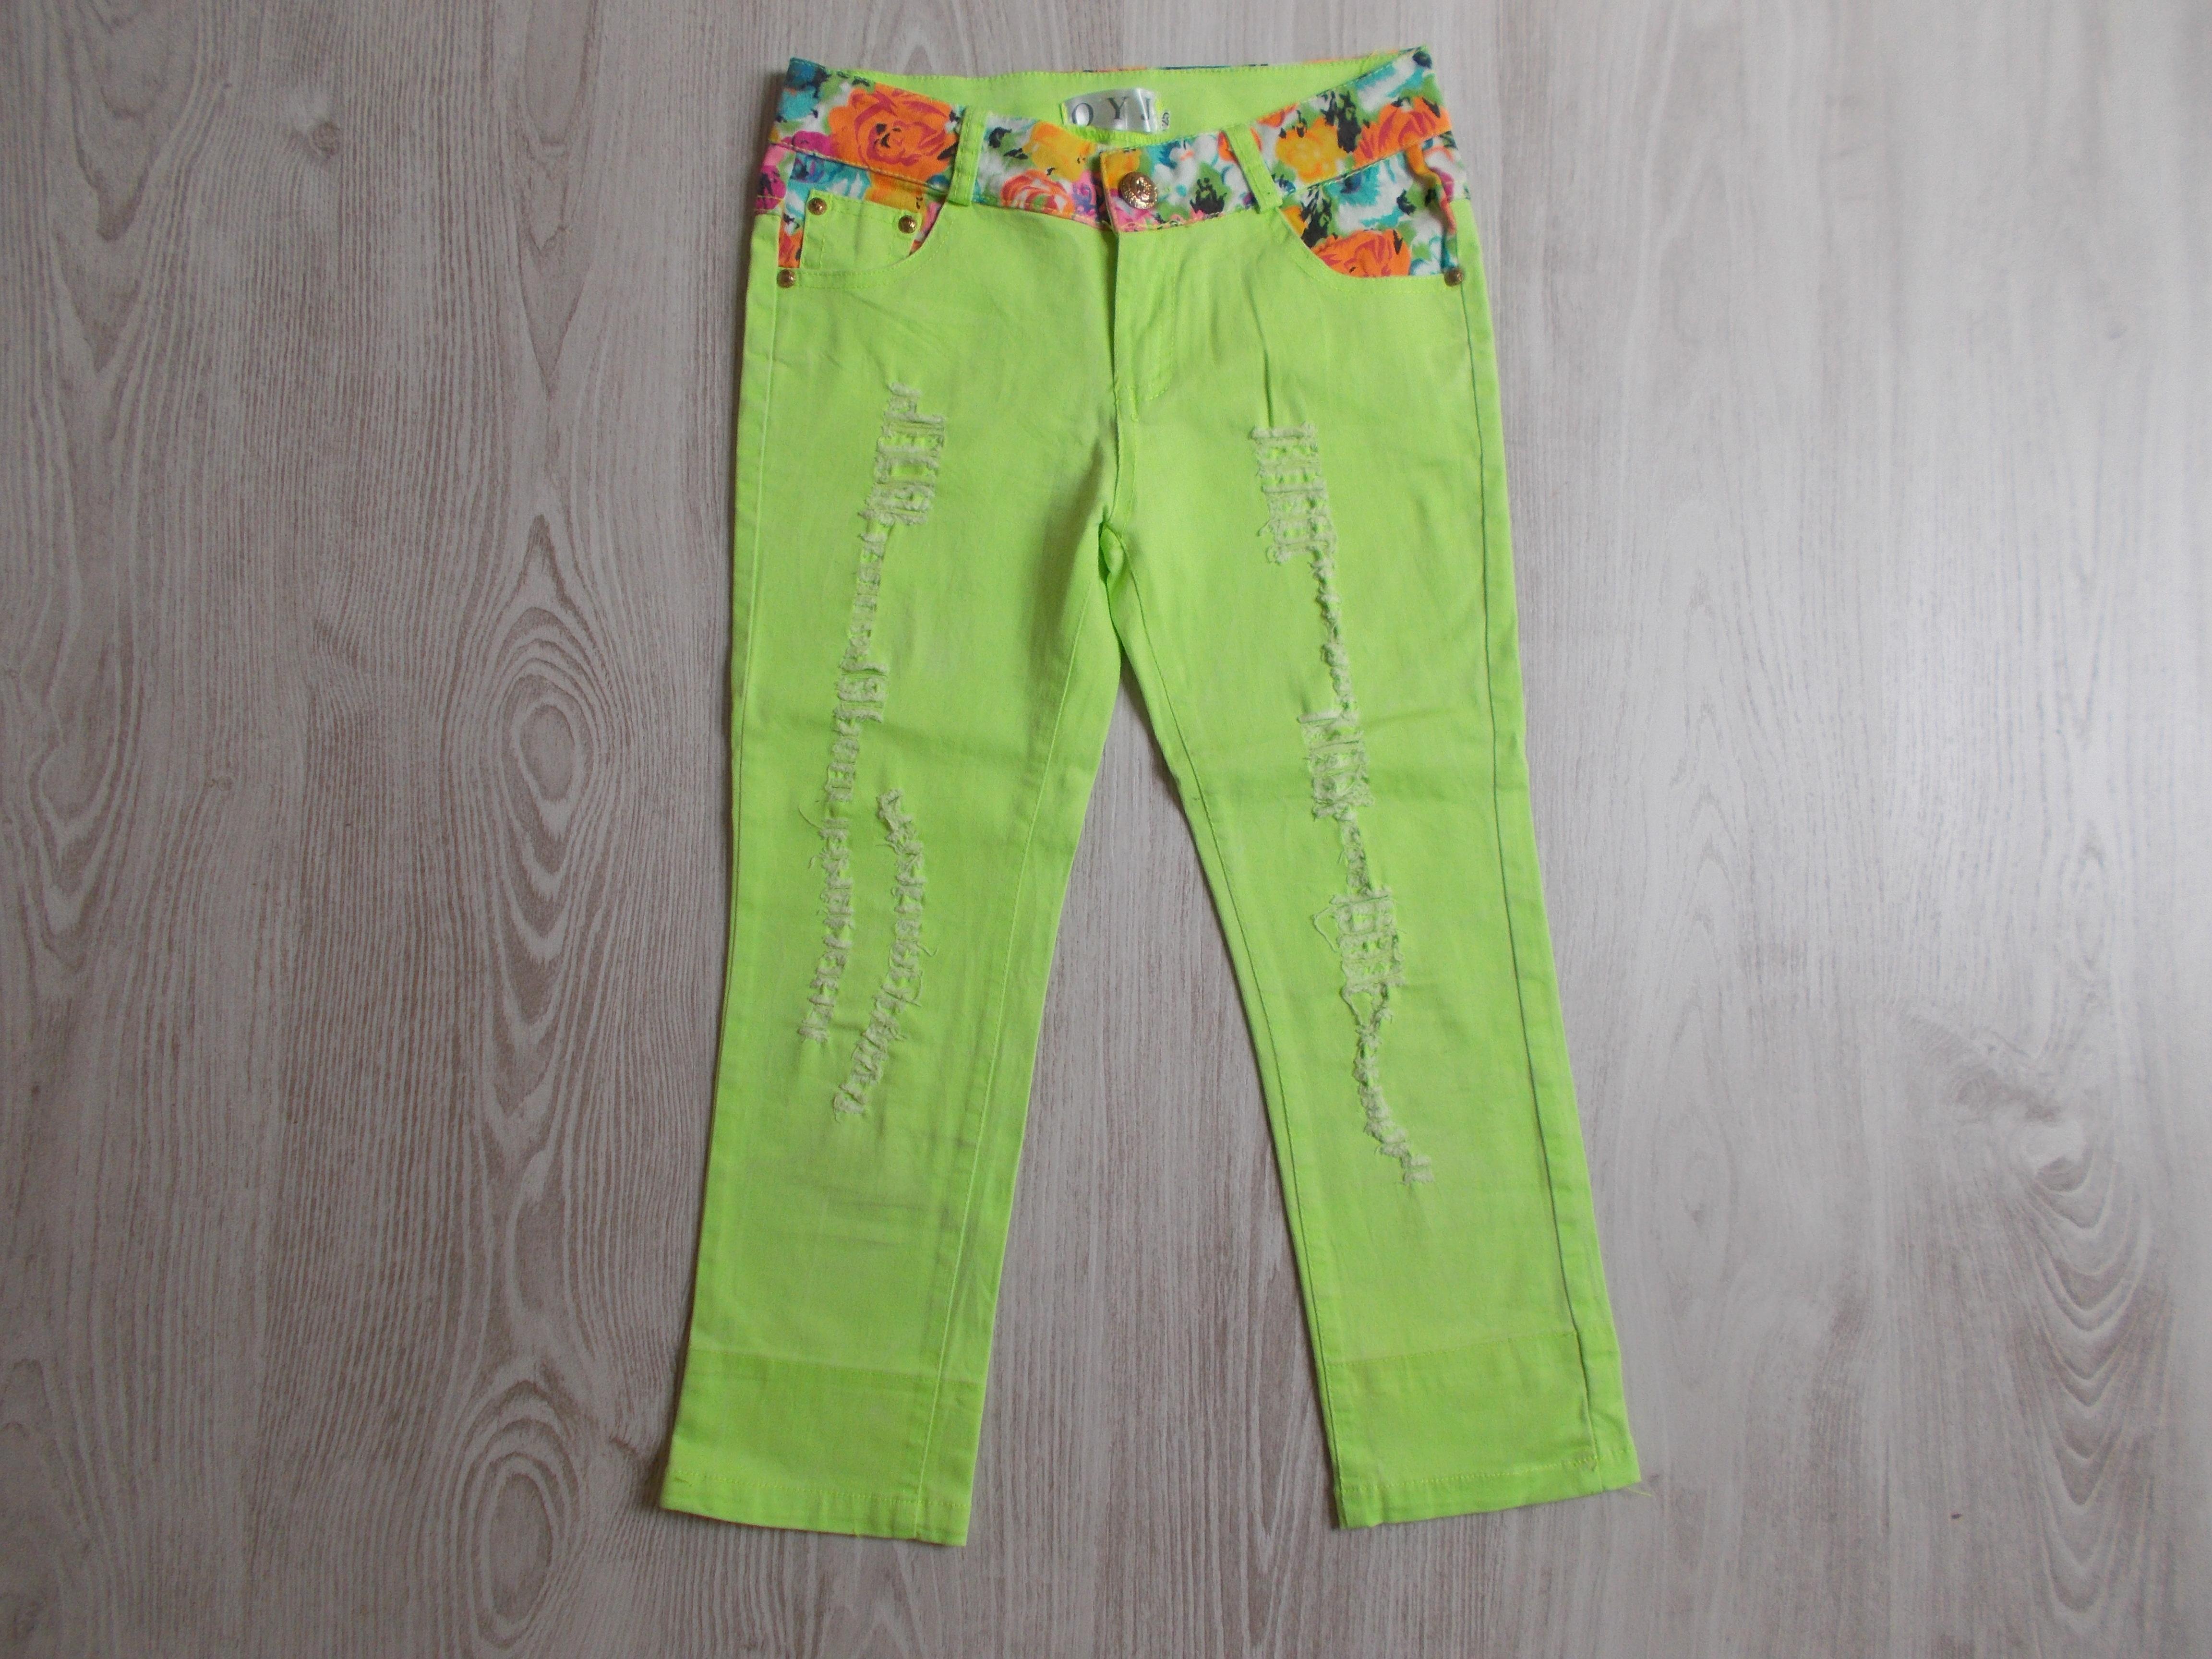 Mintás halásznadrág  158-164 (13-14 év)   Lány ruhák     Lótusz ... 6b01bf1b06